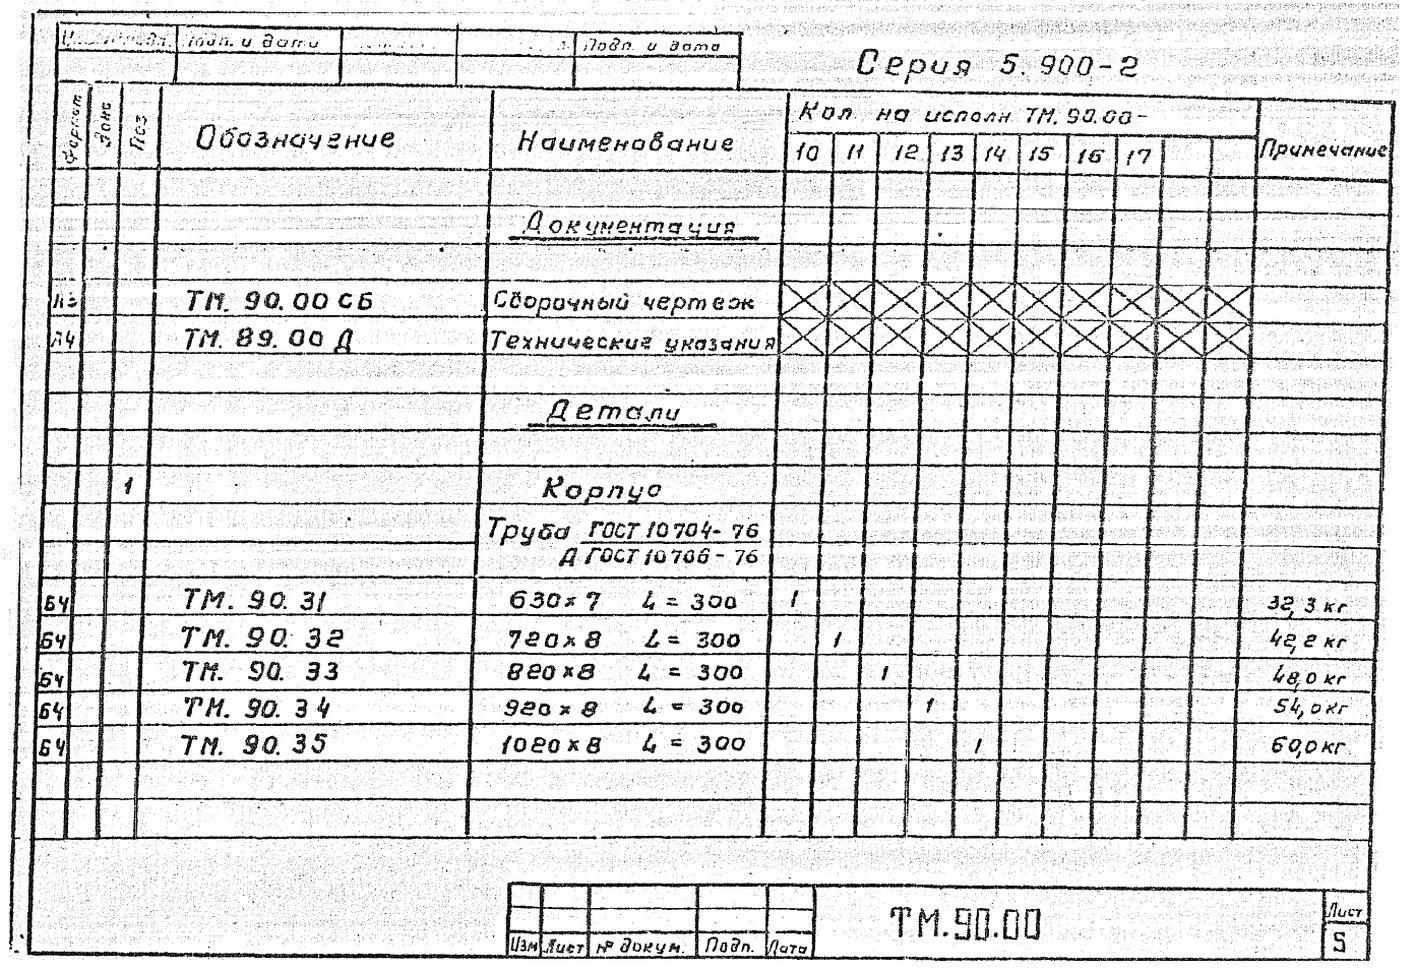 Сальники набивные ТМ.90.00 серия 5.900-2 стр.6